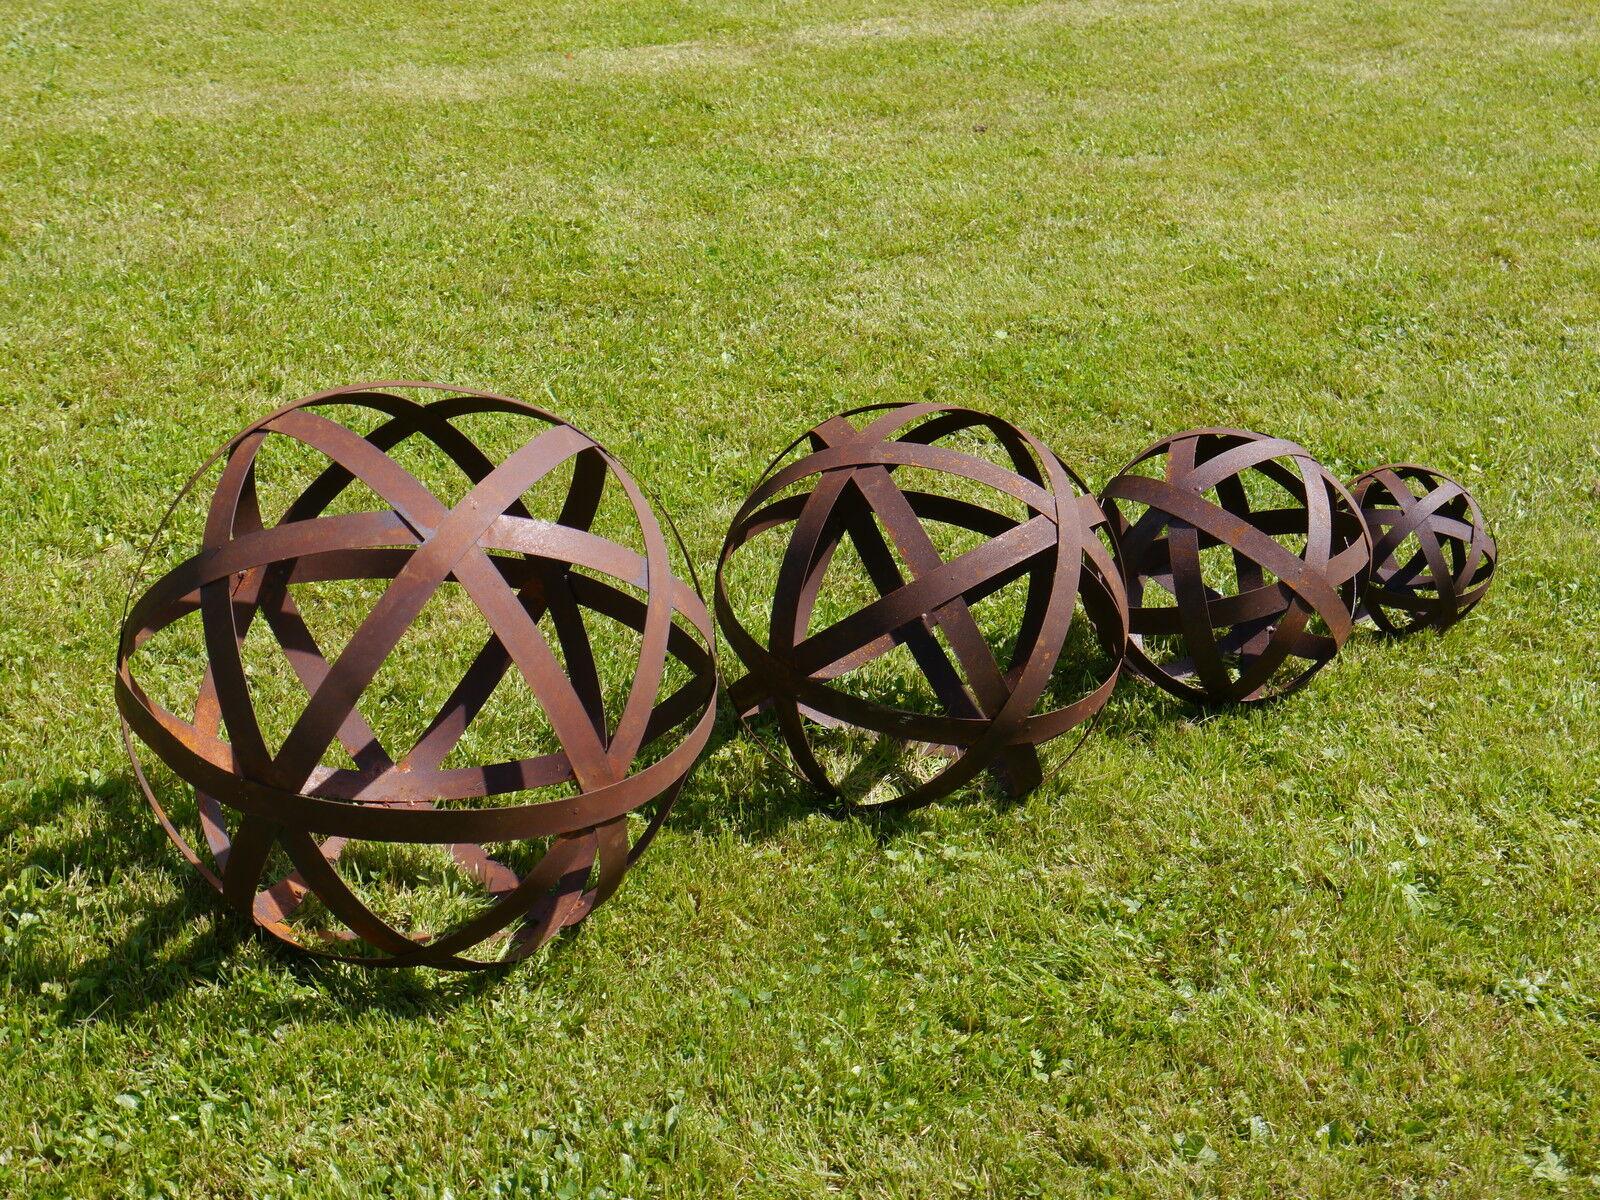 Blechstreifen Kugel Edelrost 20 - 50 cm Garten Deko Metall Dekoration Eisen Rost